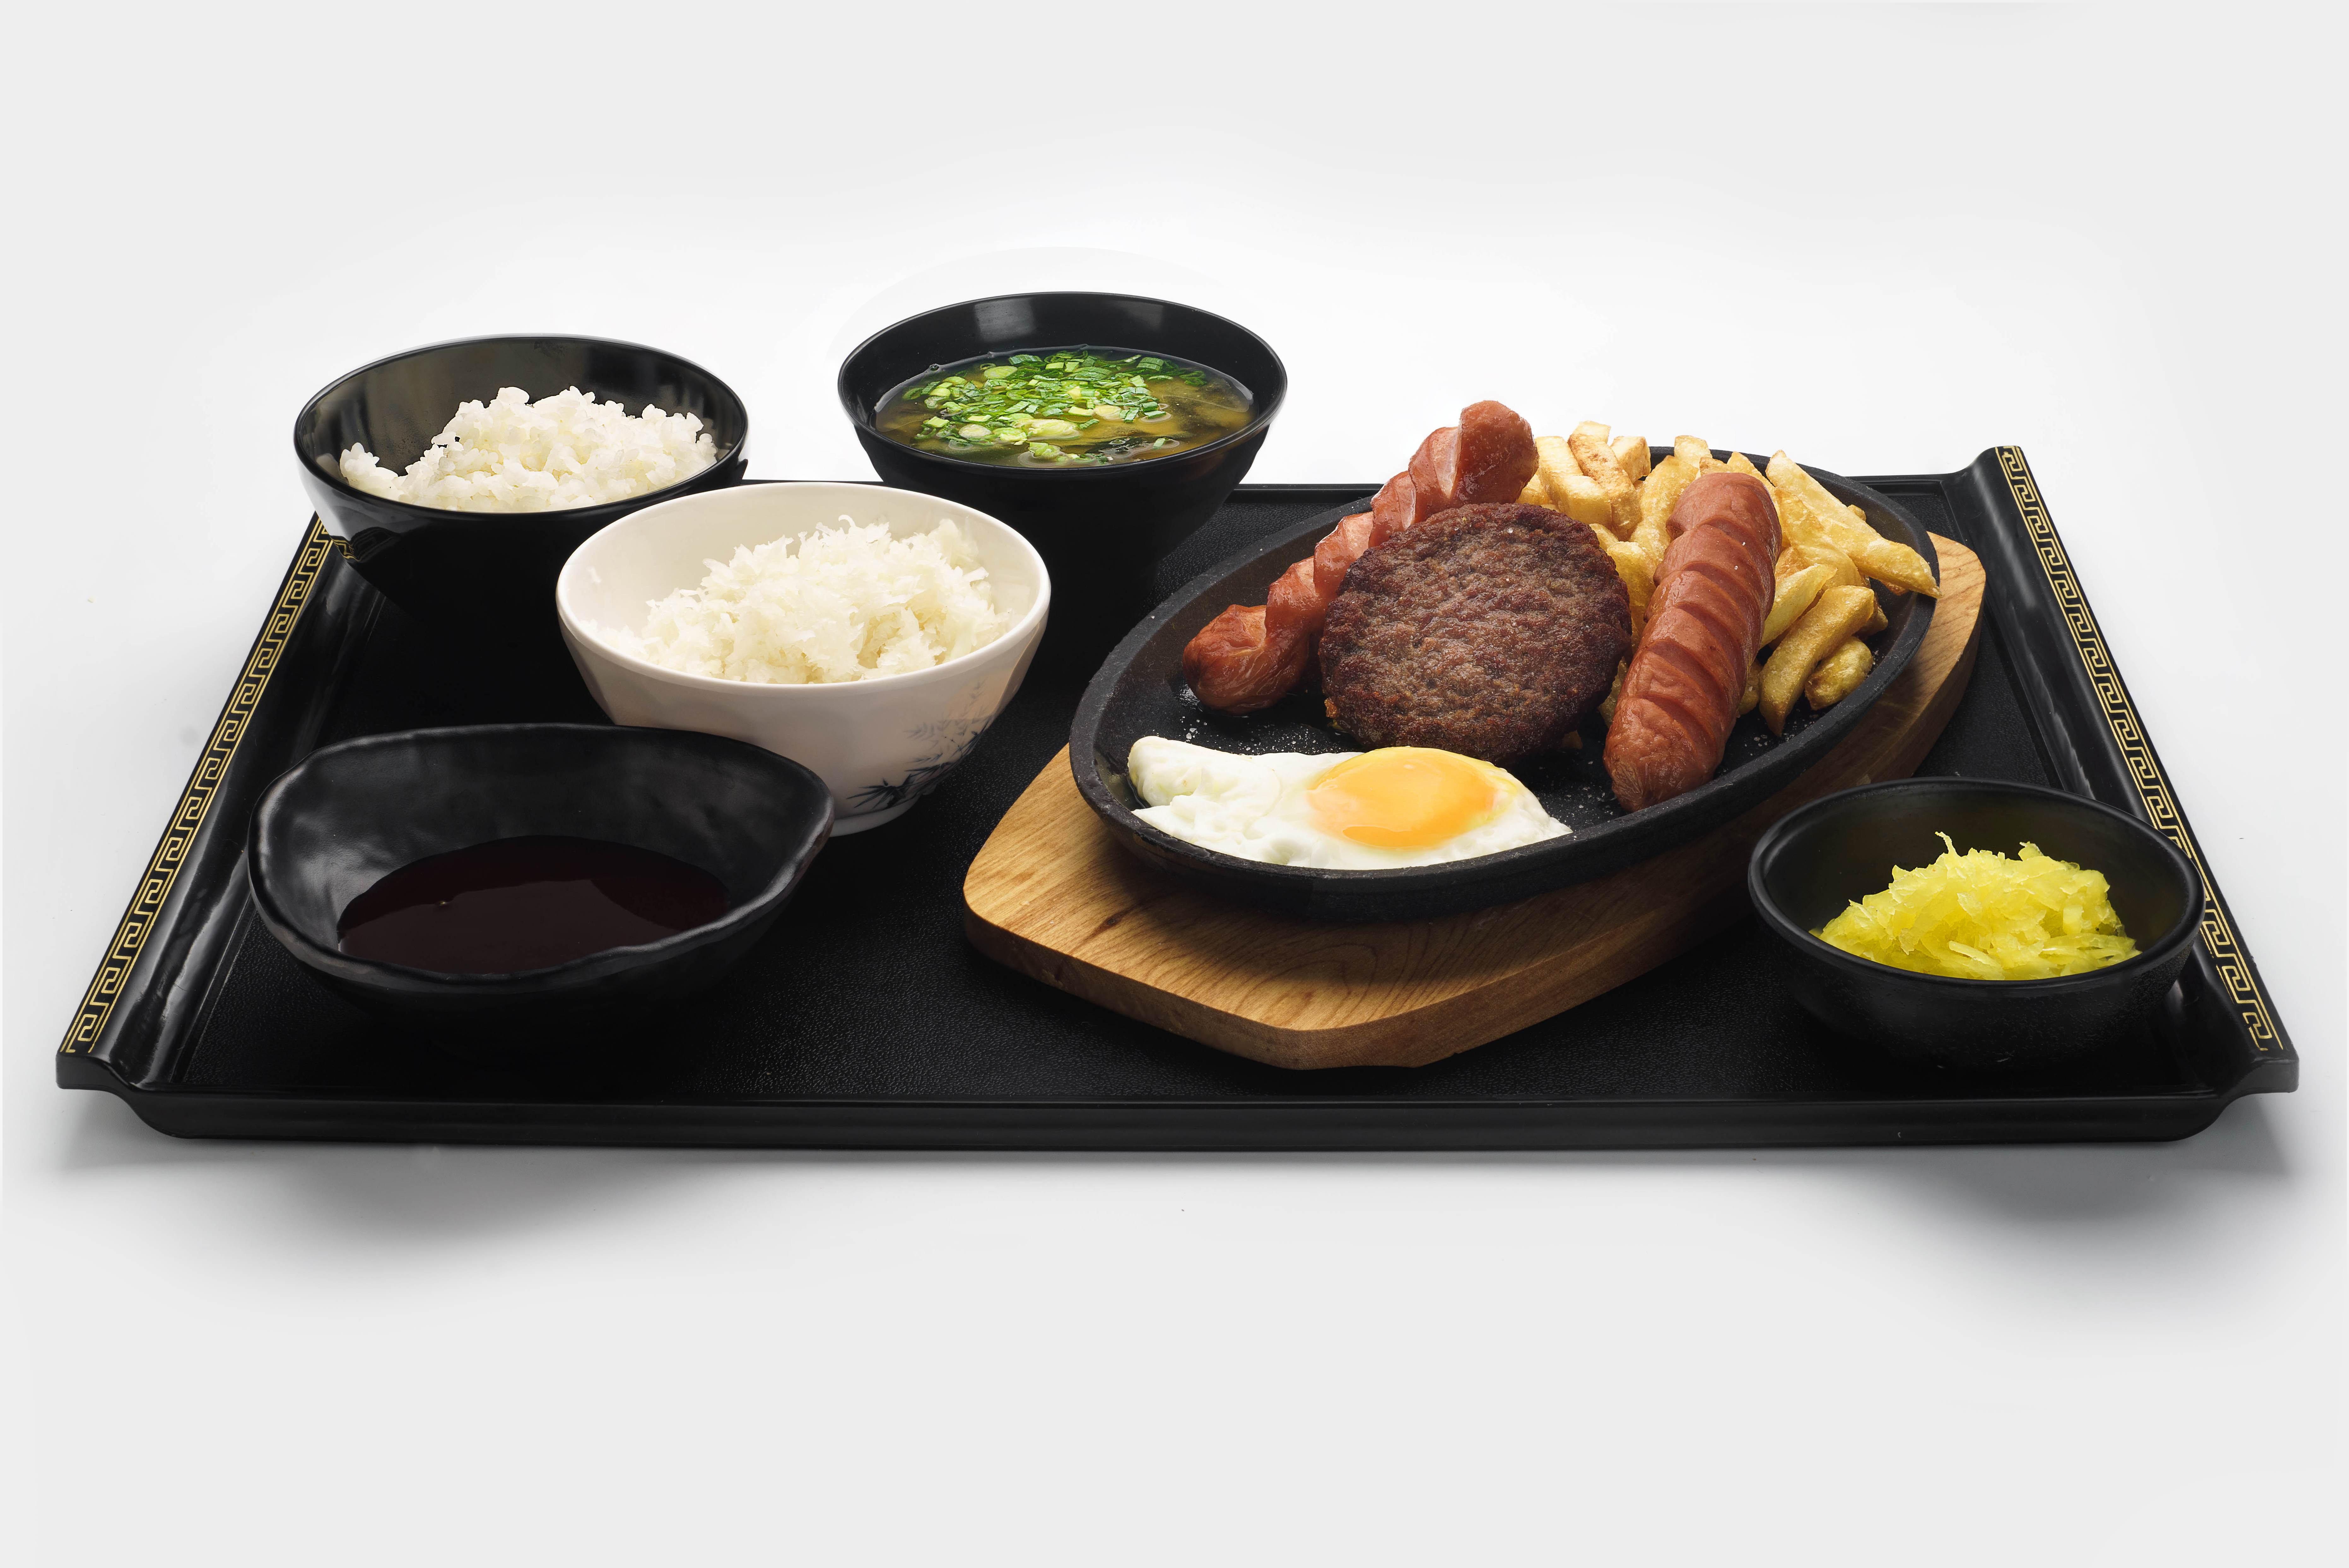 Сет сочная говяжья котлета с картофелем фри, домашними сосисками и яйцом